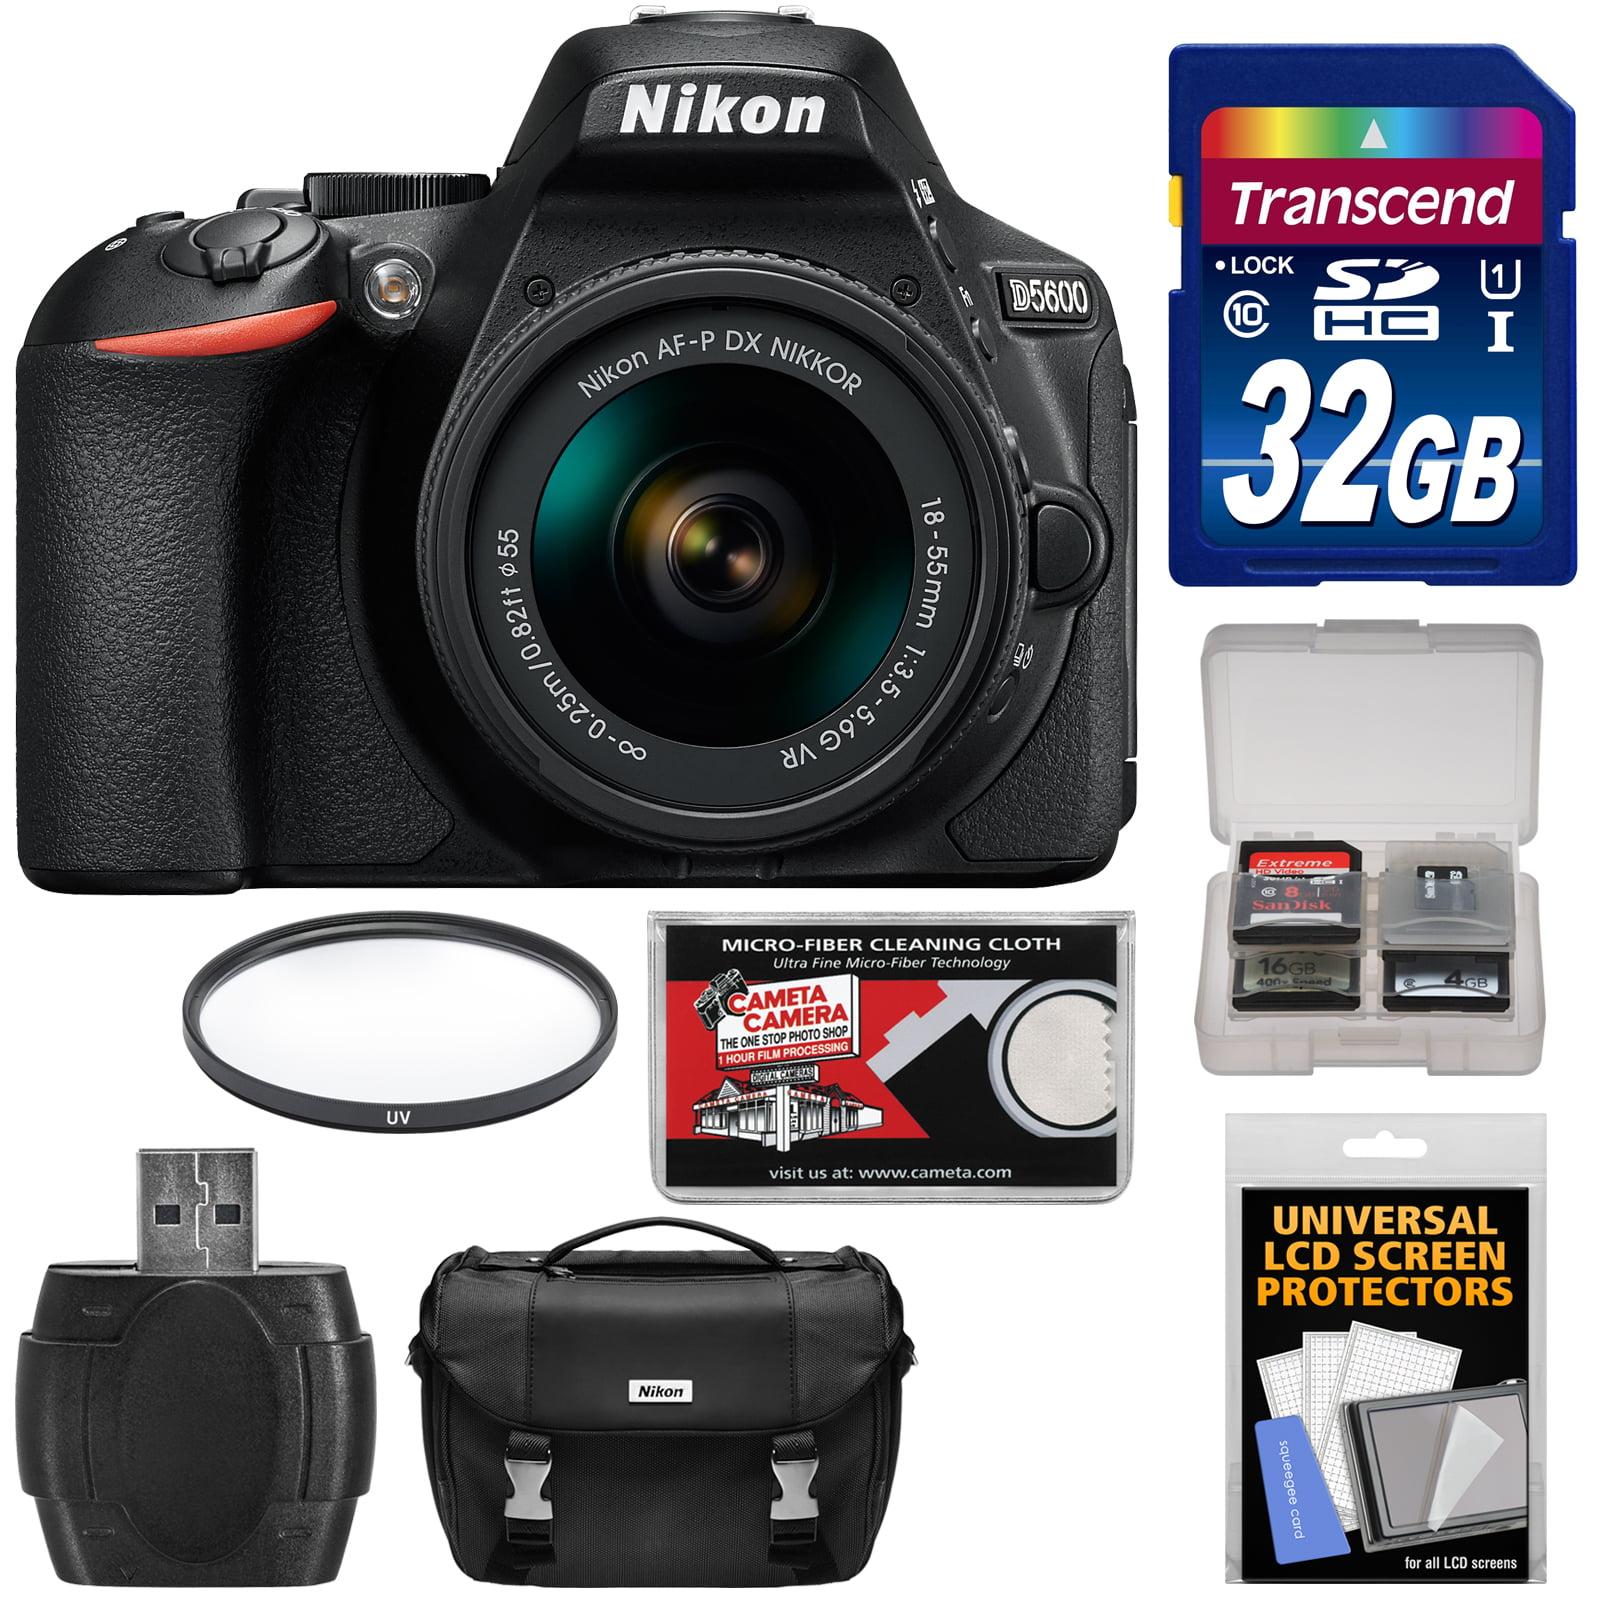 Nikon D5600 Digital SLR Camera & 18-55mm VR DX AF-P Lens - Refurbished with 32GB Card + Case + Filter + Reader + Kit